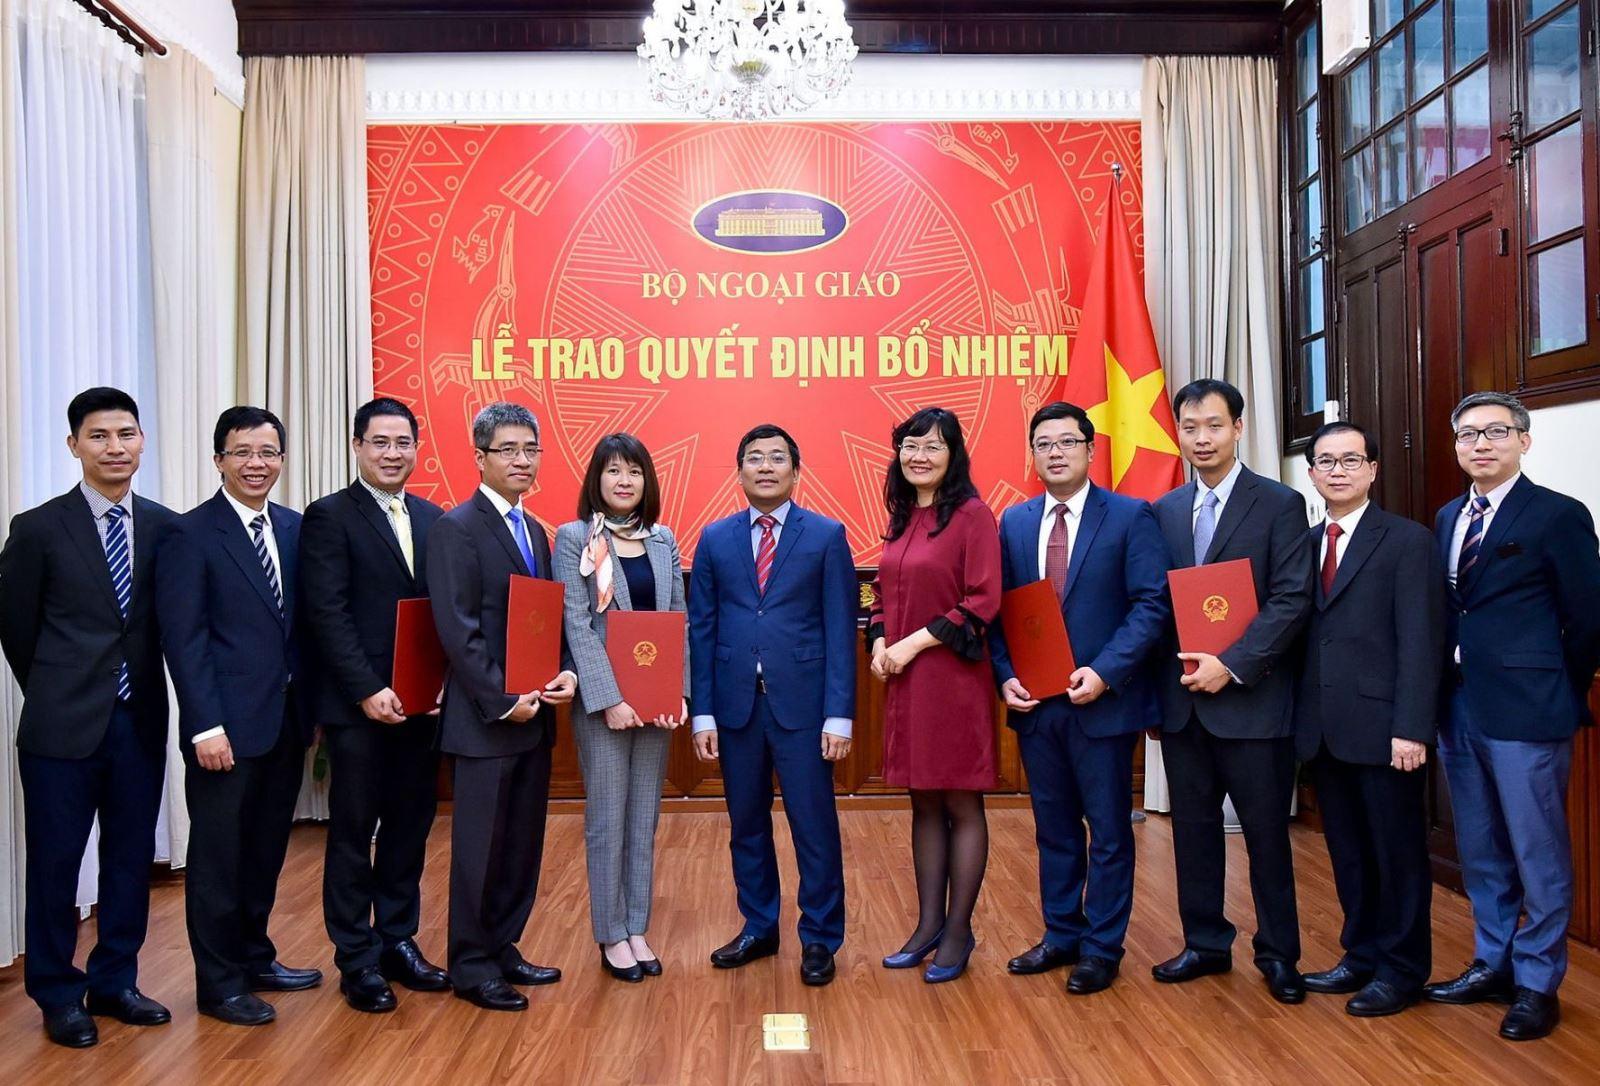 Bổ nhiệm nhân sự Văn phòng Quốc hội Bộ Ngoại giao, Bổ nhiệm nhân sự Quốc hội, bổ nhiệm nhân sự Bộ Ngoại giao, nhân sự mới, tin nhân sự